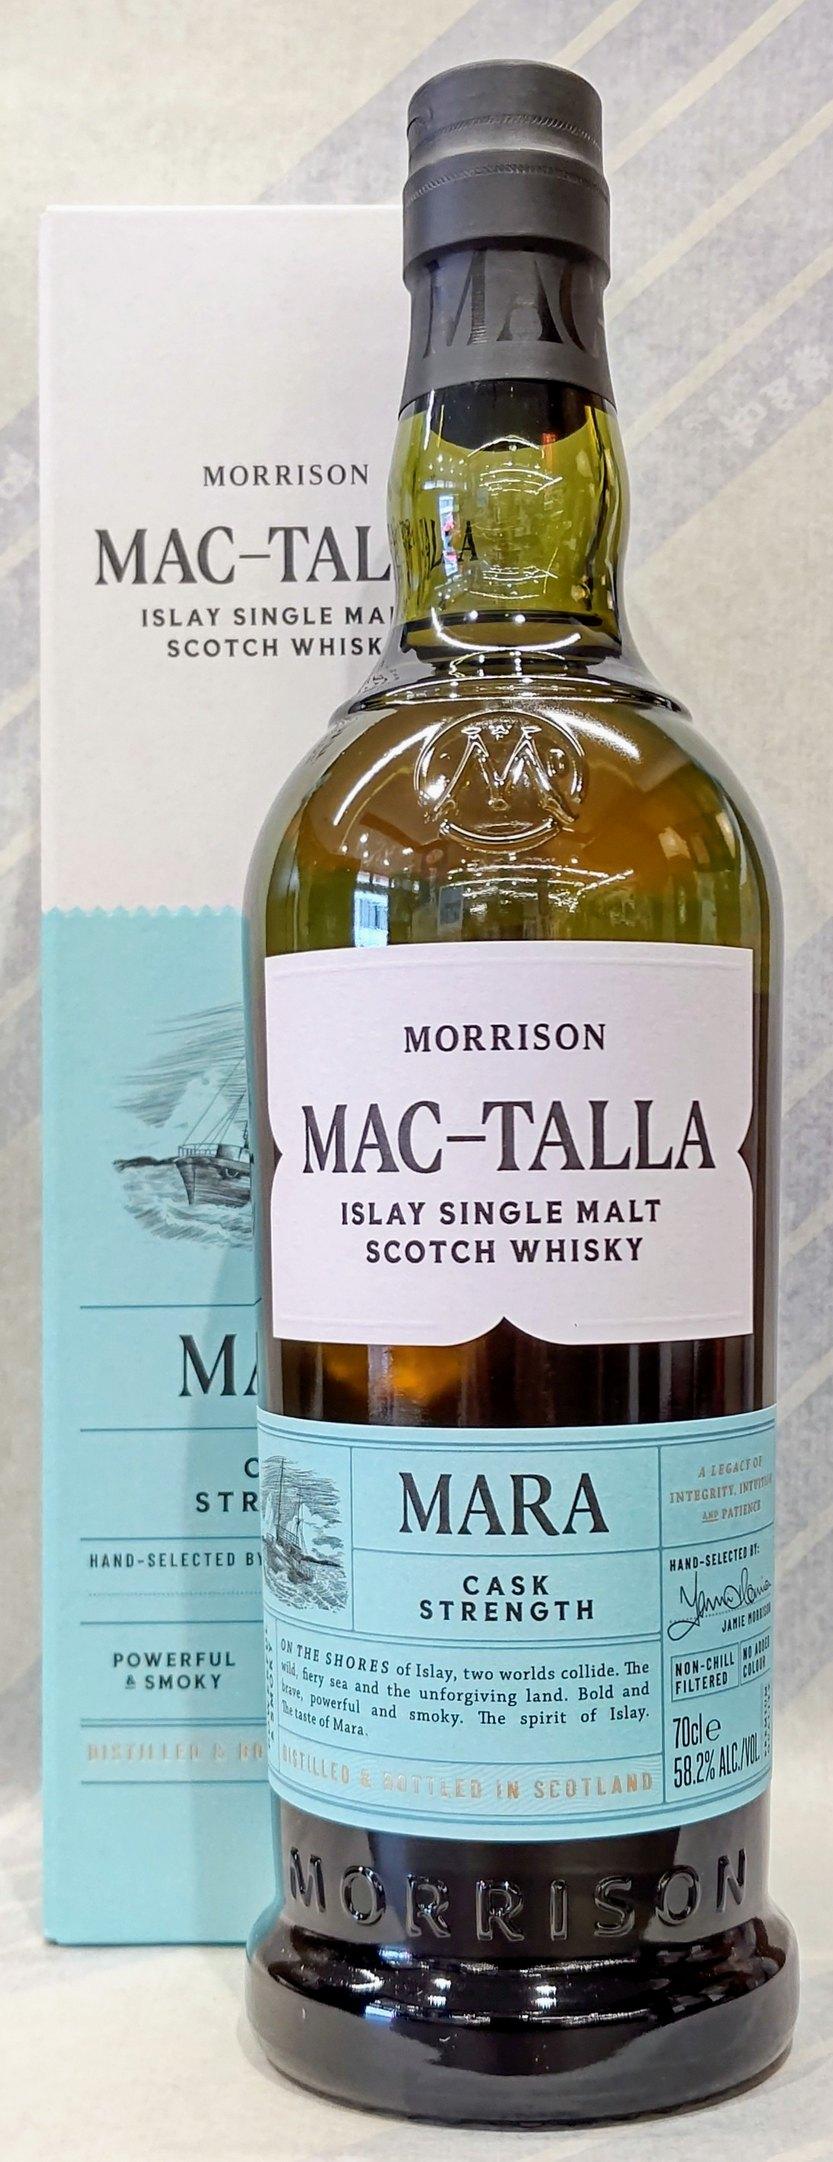 マクタラ 国内送料無料 マラ カスクストレングス 58.2% 数量限定アウトレット最安価格 700ml ディスティラーズ スコッチ モリソン ウイスキー